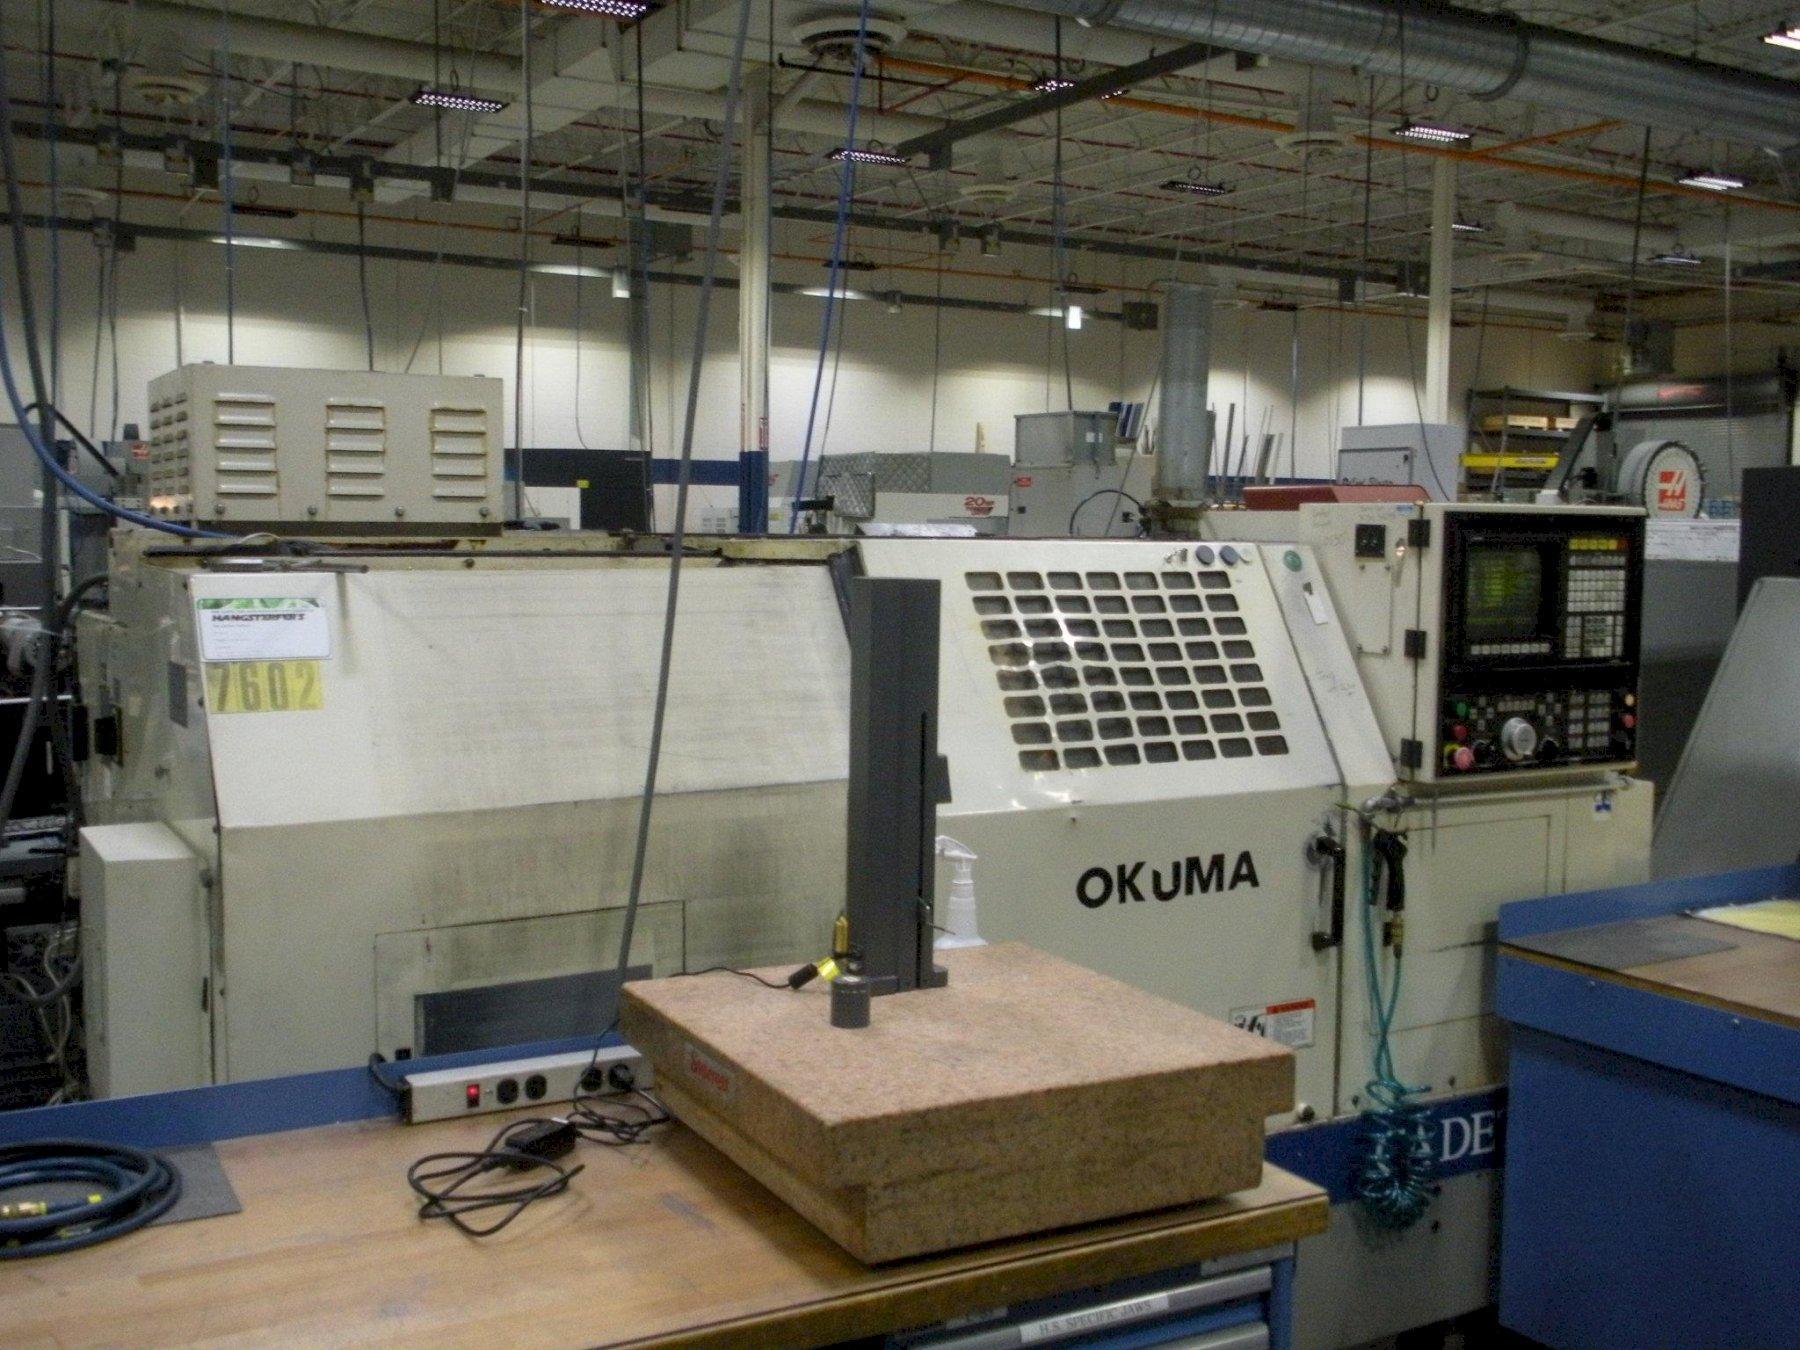 Okuma Cadet L1420 Turning Center, S/N 0178.